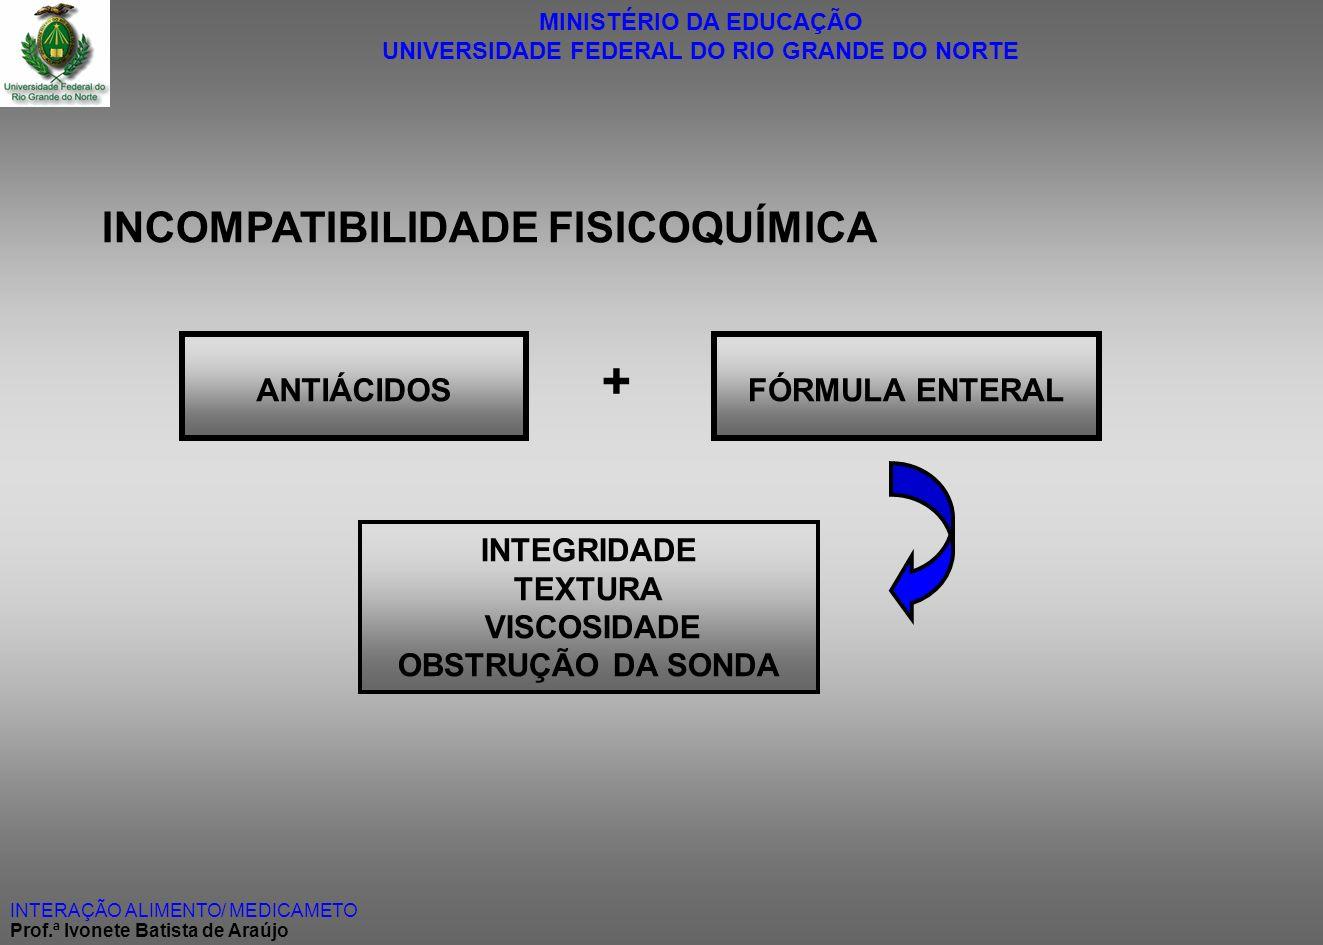 MINISTÉRIO DA EDUCAÇÃO UNIVERSIDADE FEDERAL DO RIO GRANDE DO NORTE INTERAÇÃO ALIMENTO/ MEDICAMETO Prof.ª Ivonete Batista de Araújo INCOMPATIBILIDADE F